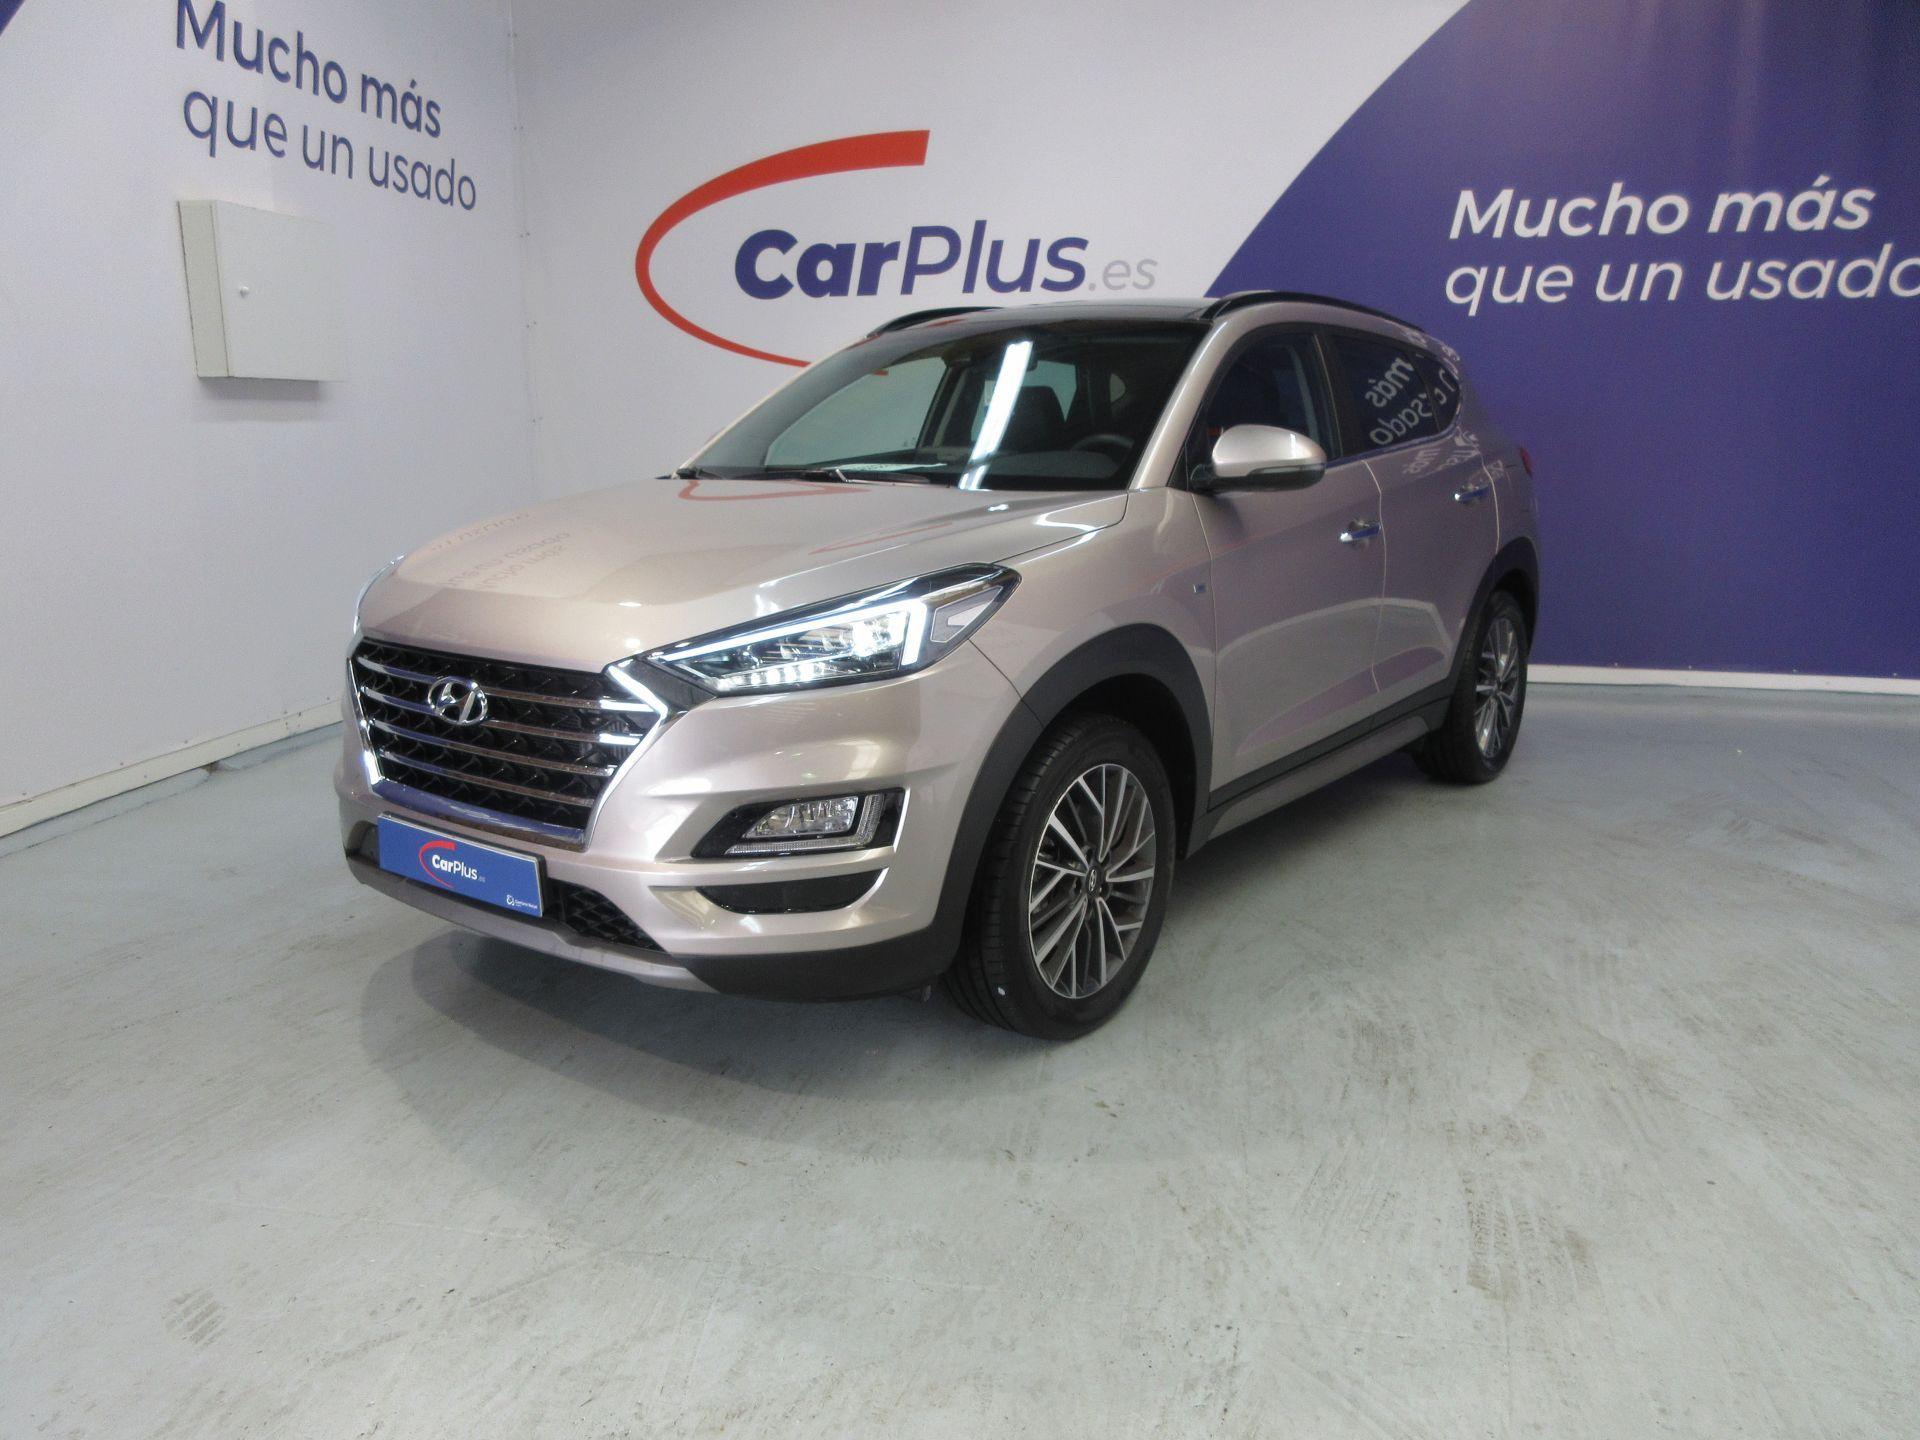 Hyundai Tucson ocasión segunda mano 2020 Híbrido por 27.490€ en Madrid